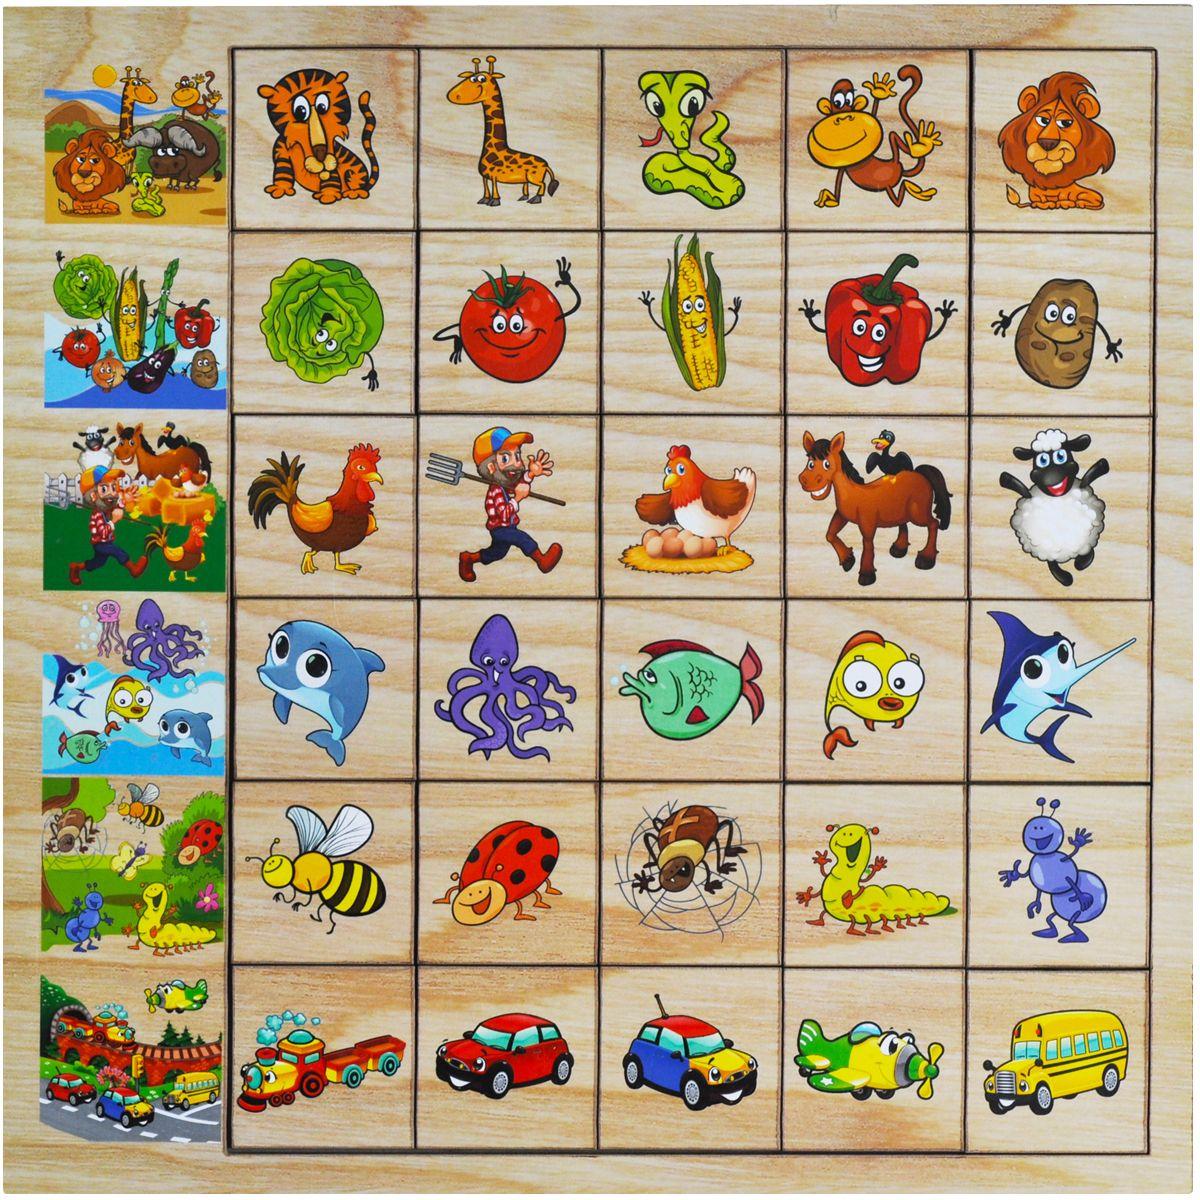 Фабрика Мастер игрушек Обучающая игра Ассоциации деревянные игрушки фабрика мастер игрушек настольный театр цирк